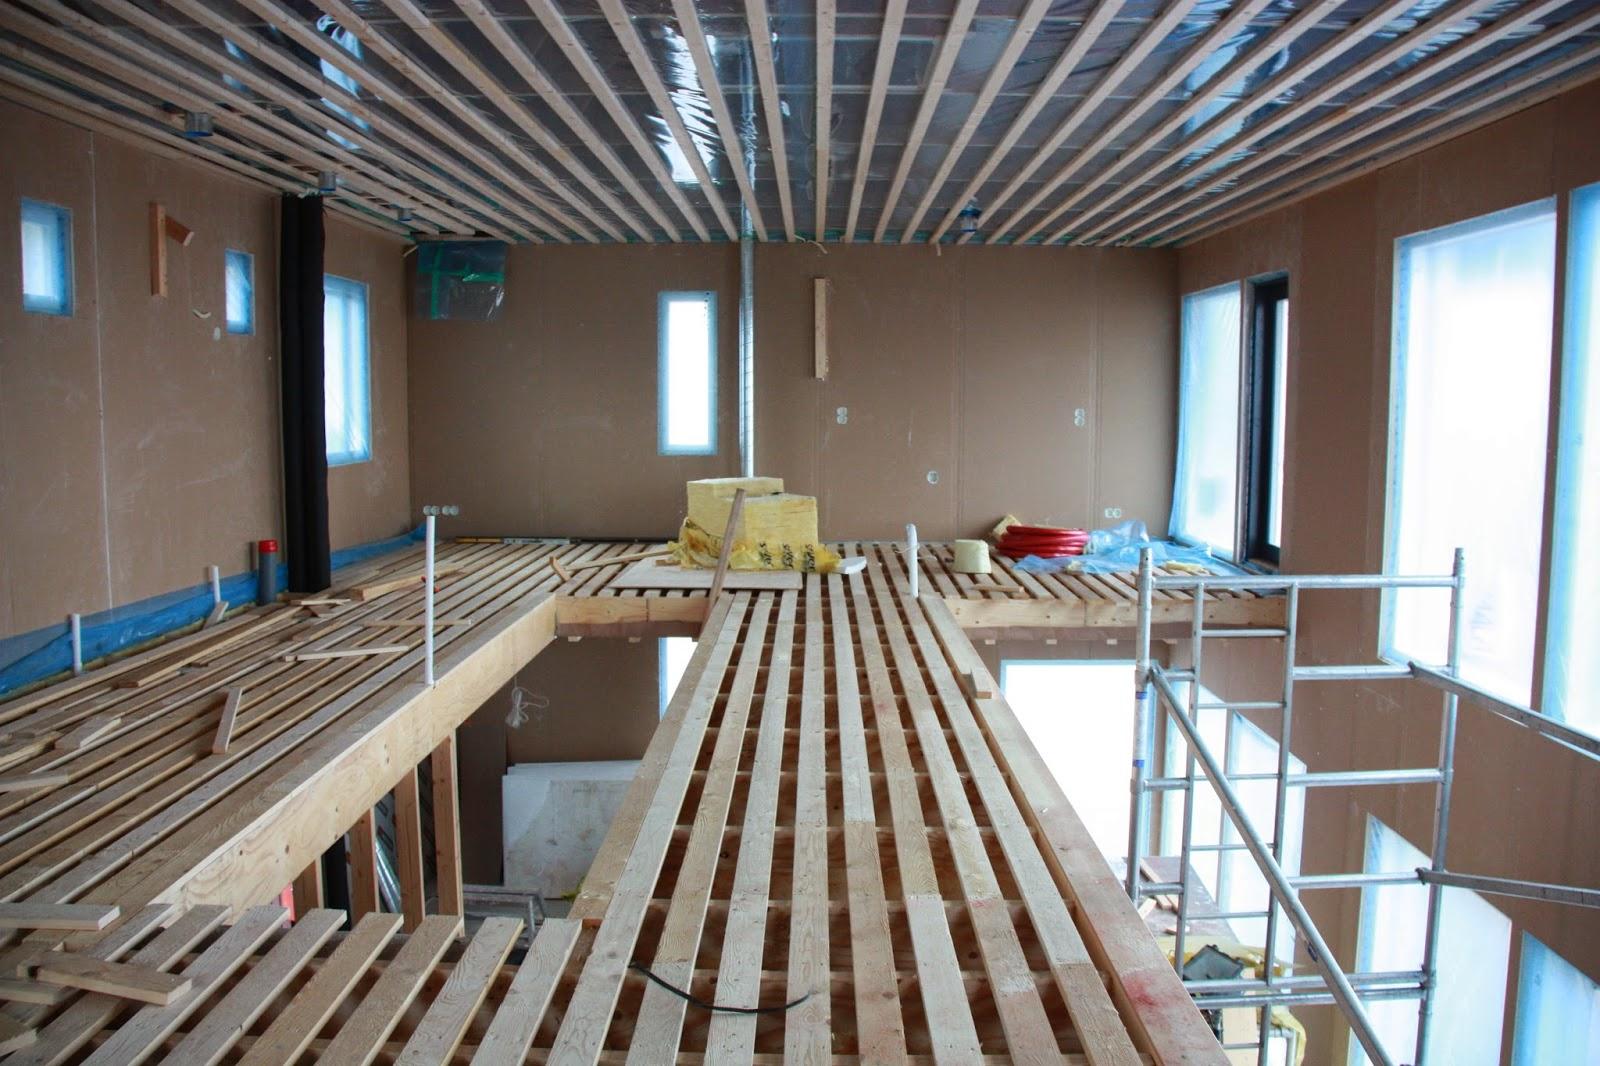 Puuta ja kiveä -raksablogin makuuhuone ja vaatehuone yläkerrassa.